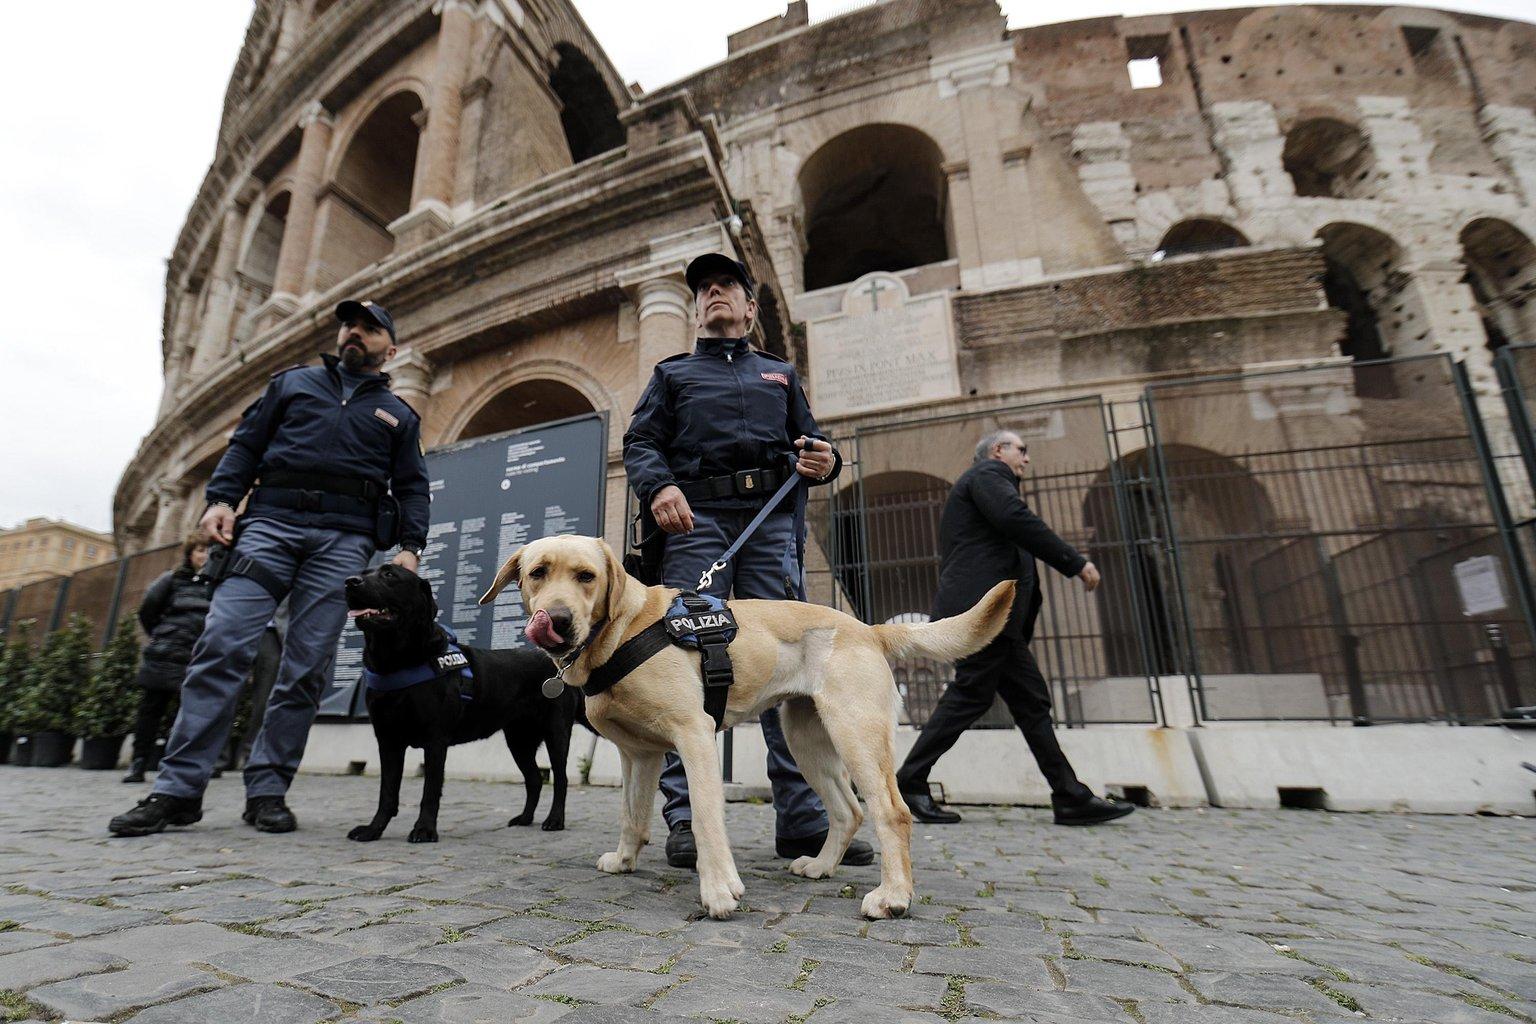 Kutyás rendőrök bombát keresnek a római Colosseumnál, mielőtt Ferenc pápa végigjárja a nagypénteki keresztutat, a Via Crucist 2018. március 30-án. Mintegy tízezer rendőr biztosítja a Colosseum környékét a keresztút idején, amelynek évszázadokra visszatekintő hagyománya során Jézus szenvedéstörténetének 14 állomását elevenítik fel a katolikusok. (MTI/EPA/Riccardo Antimiani)